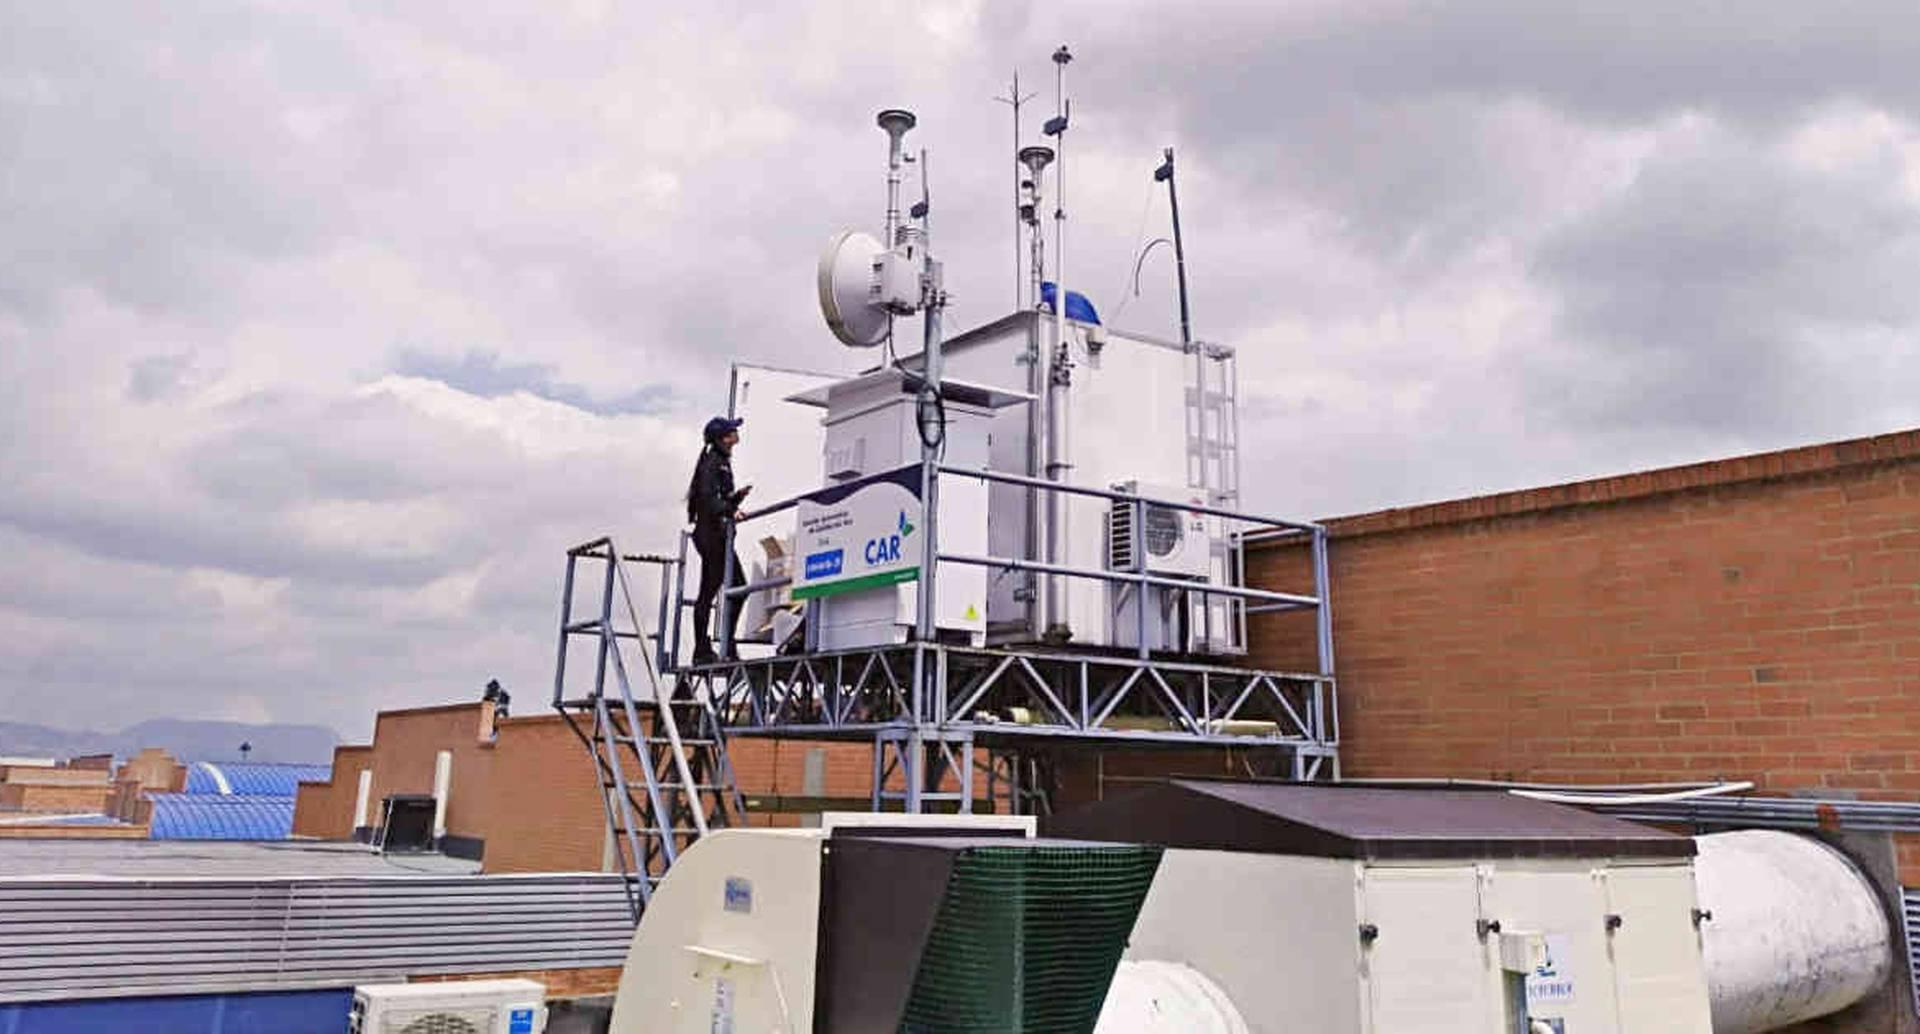 La disminución de material particulado en Soacha y Mosquera registrados por las estaciones de monitoreo de calidad del aire, permitieron levantar las restricciones. Foto: CAR Cundinamarca.